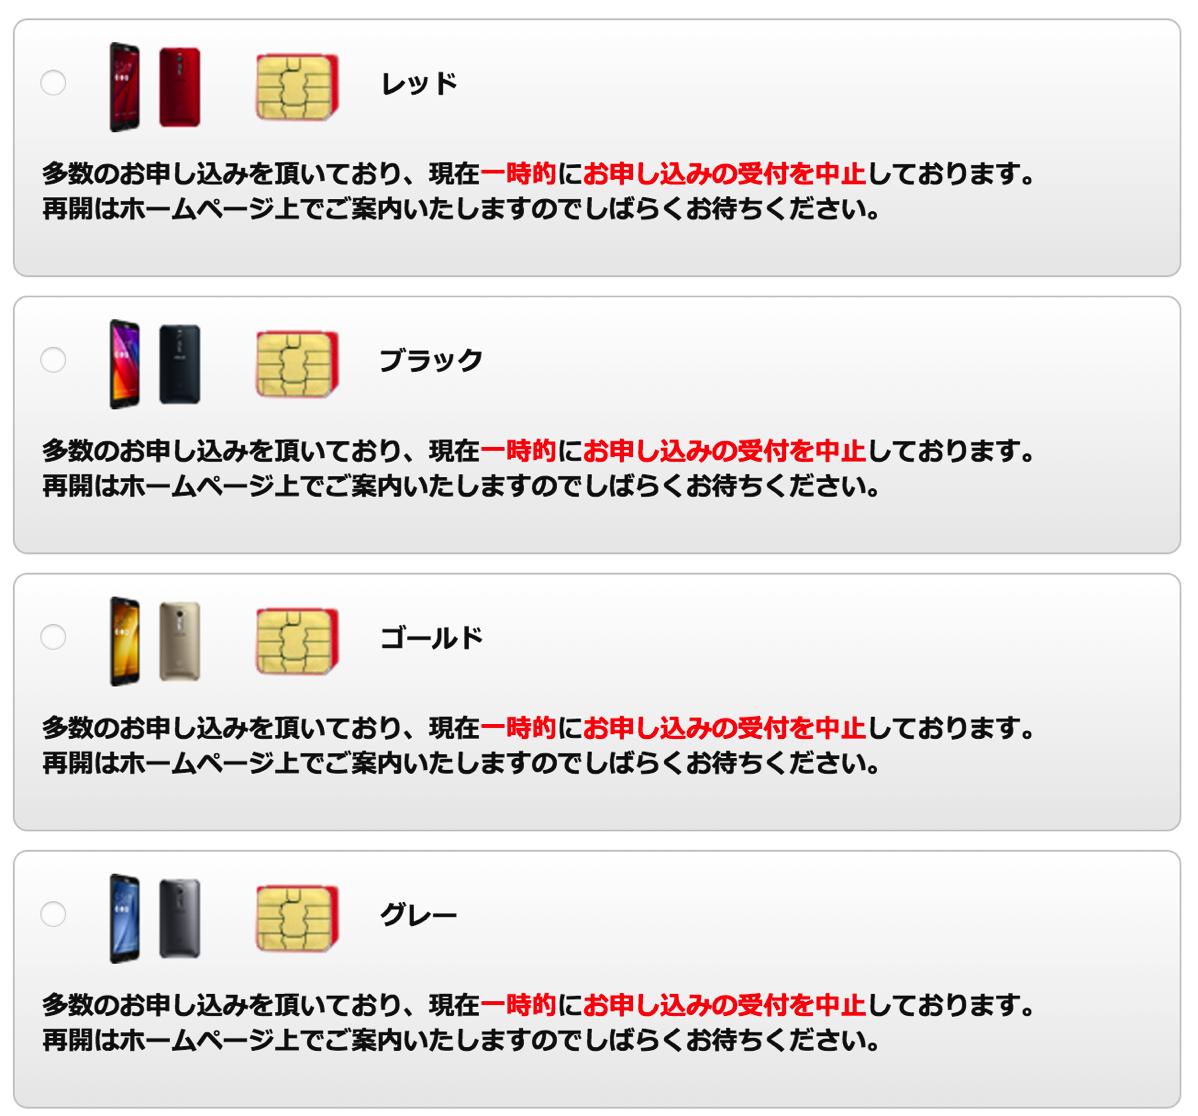 楽天モバイル:一括9,800円対象機種は軒並み在庫なしに